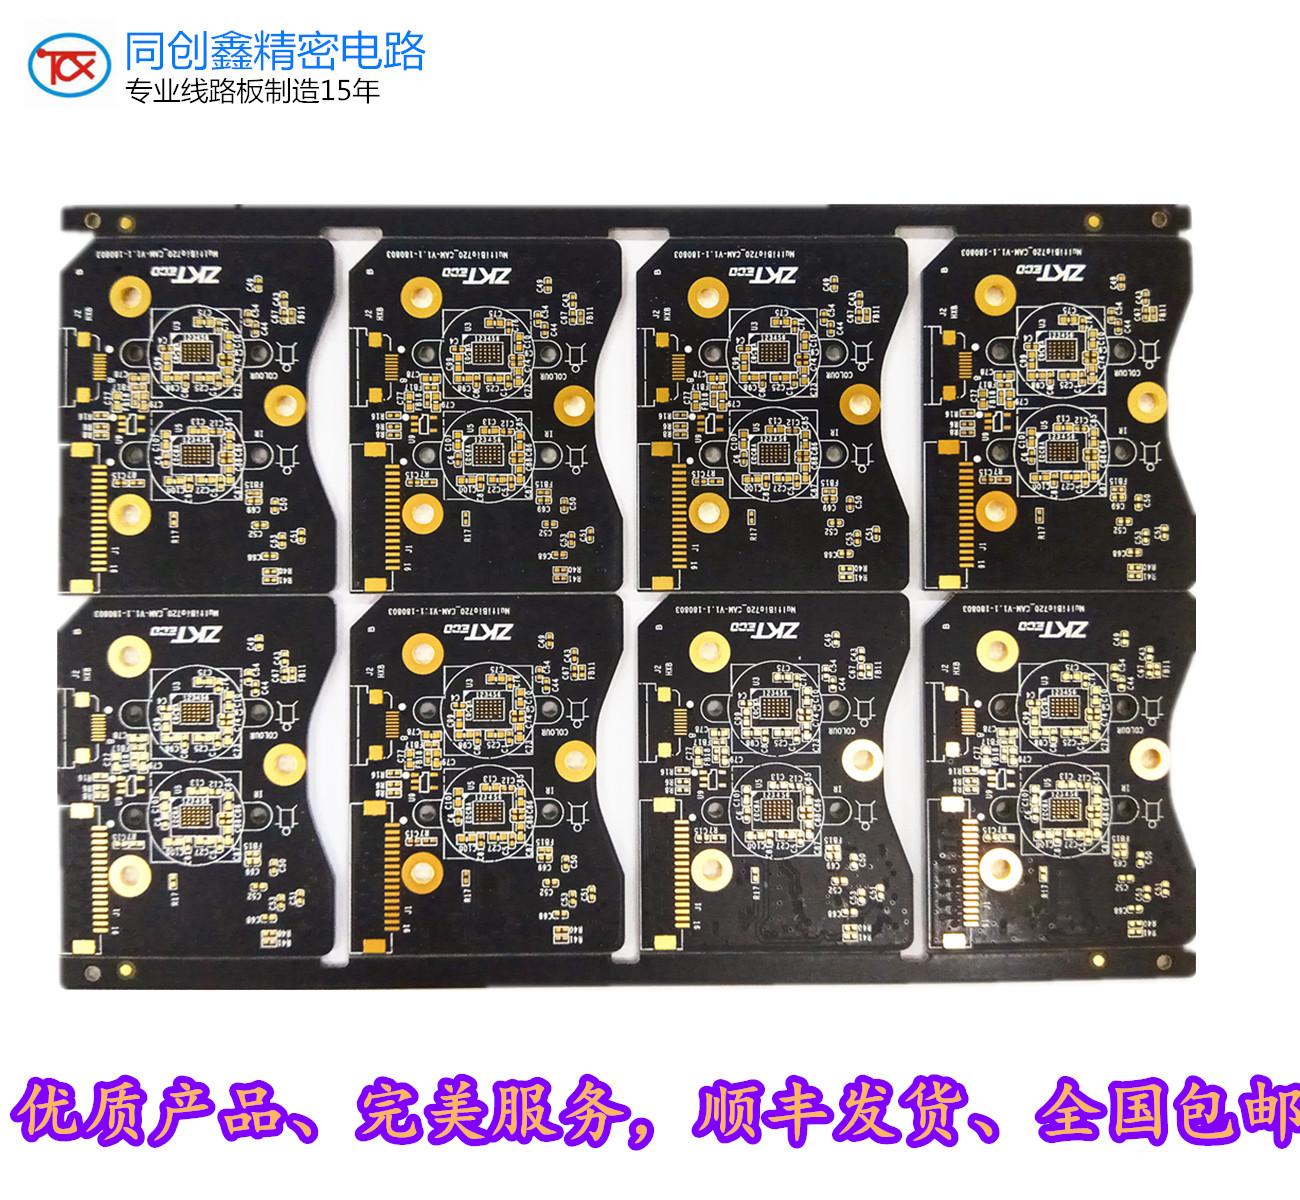 沉金PCB线路板,线路板批量生产